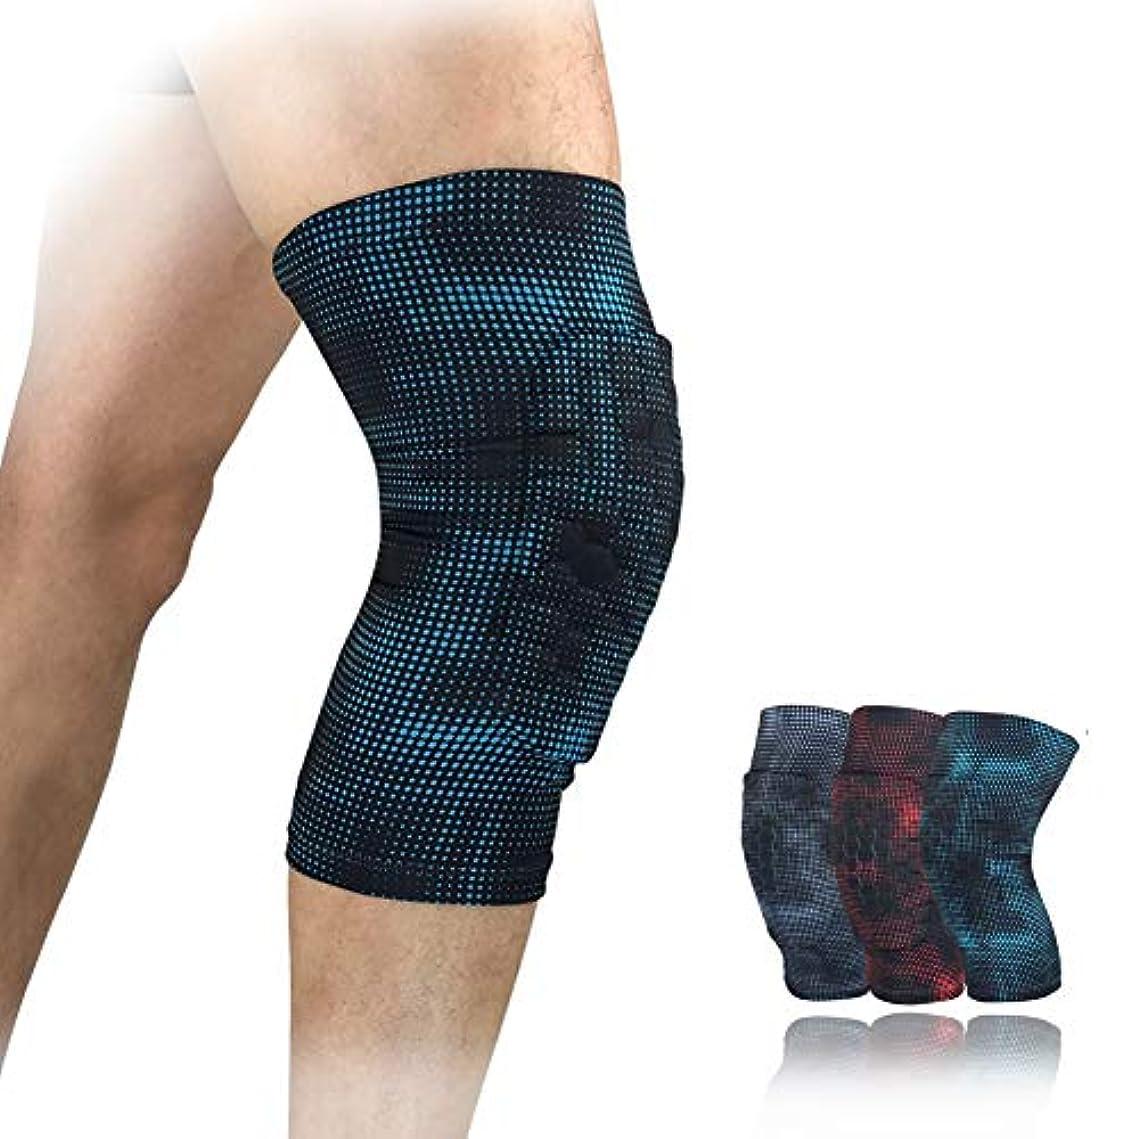 膝サポーターブレースコンプレッションスリーブ - 関節痛、関節炎、靭帯損傷、半月板裂傷、腱炎、赤、青、グレー